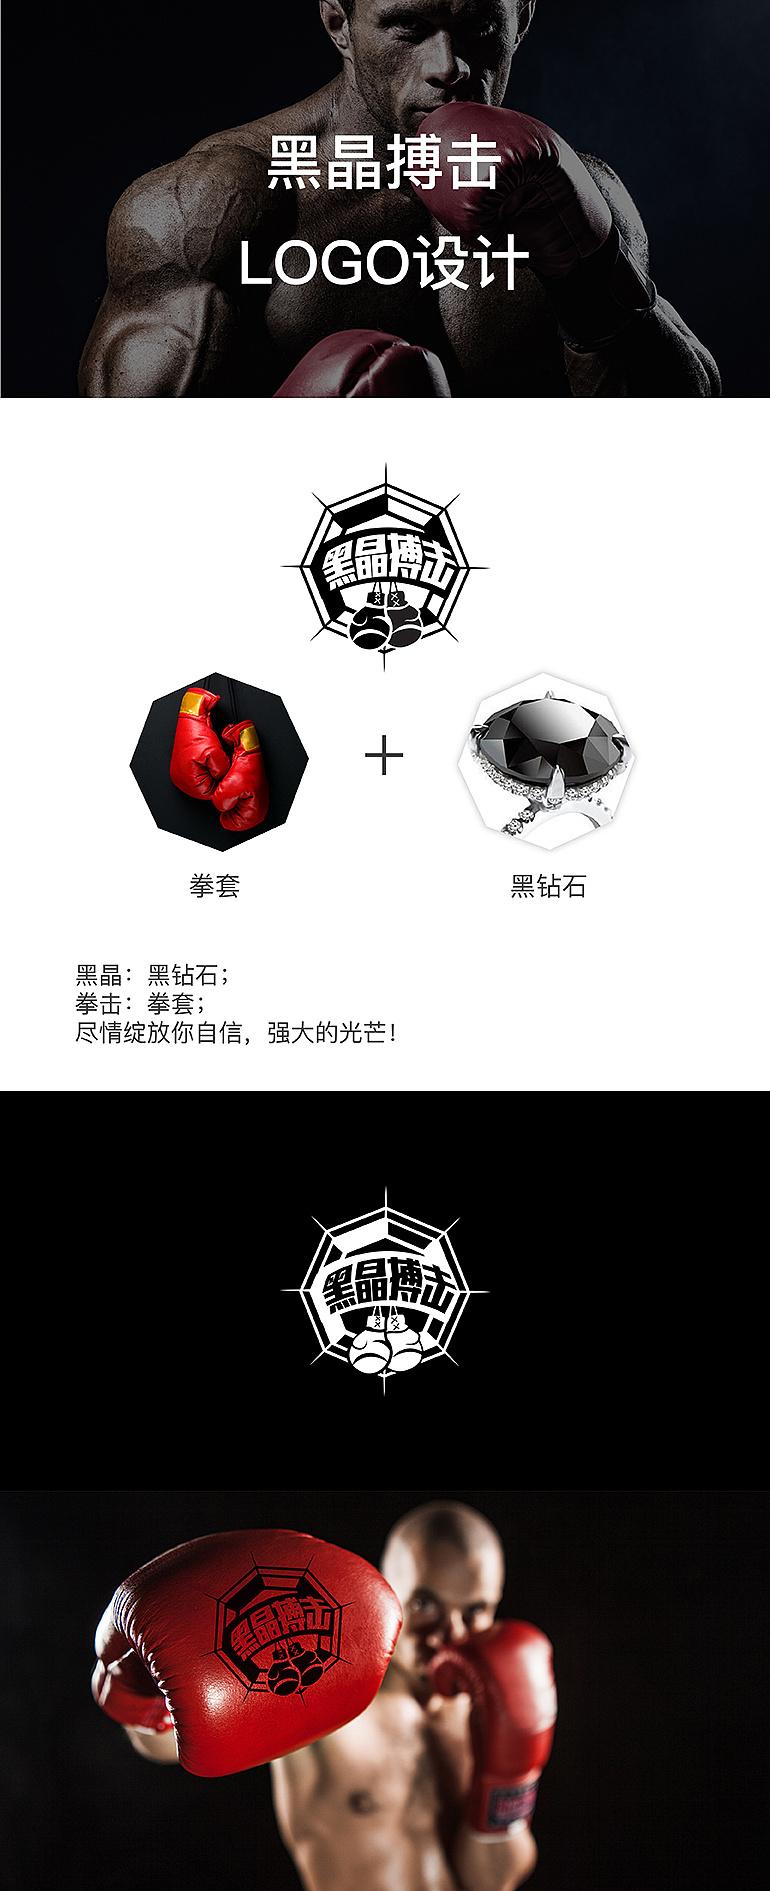 搏击�y.d:`�9�%9df:(j_黑晶搏击logo